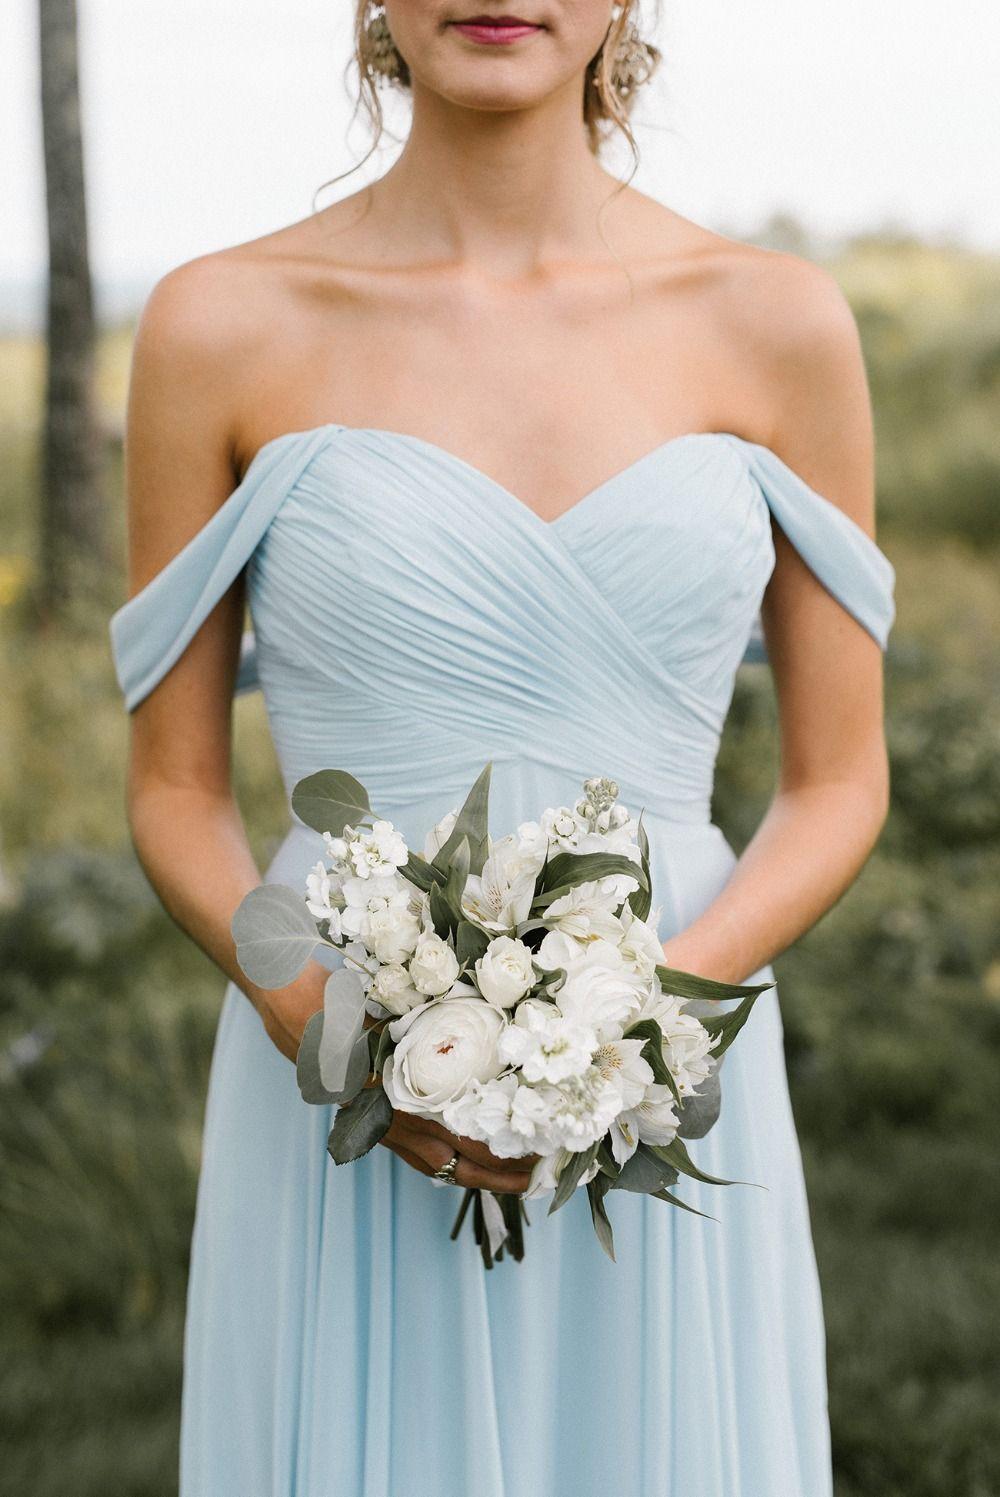 Elegante boda elegante de verano en azul y blanco en Beech Hill Barn  – Boda